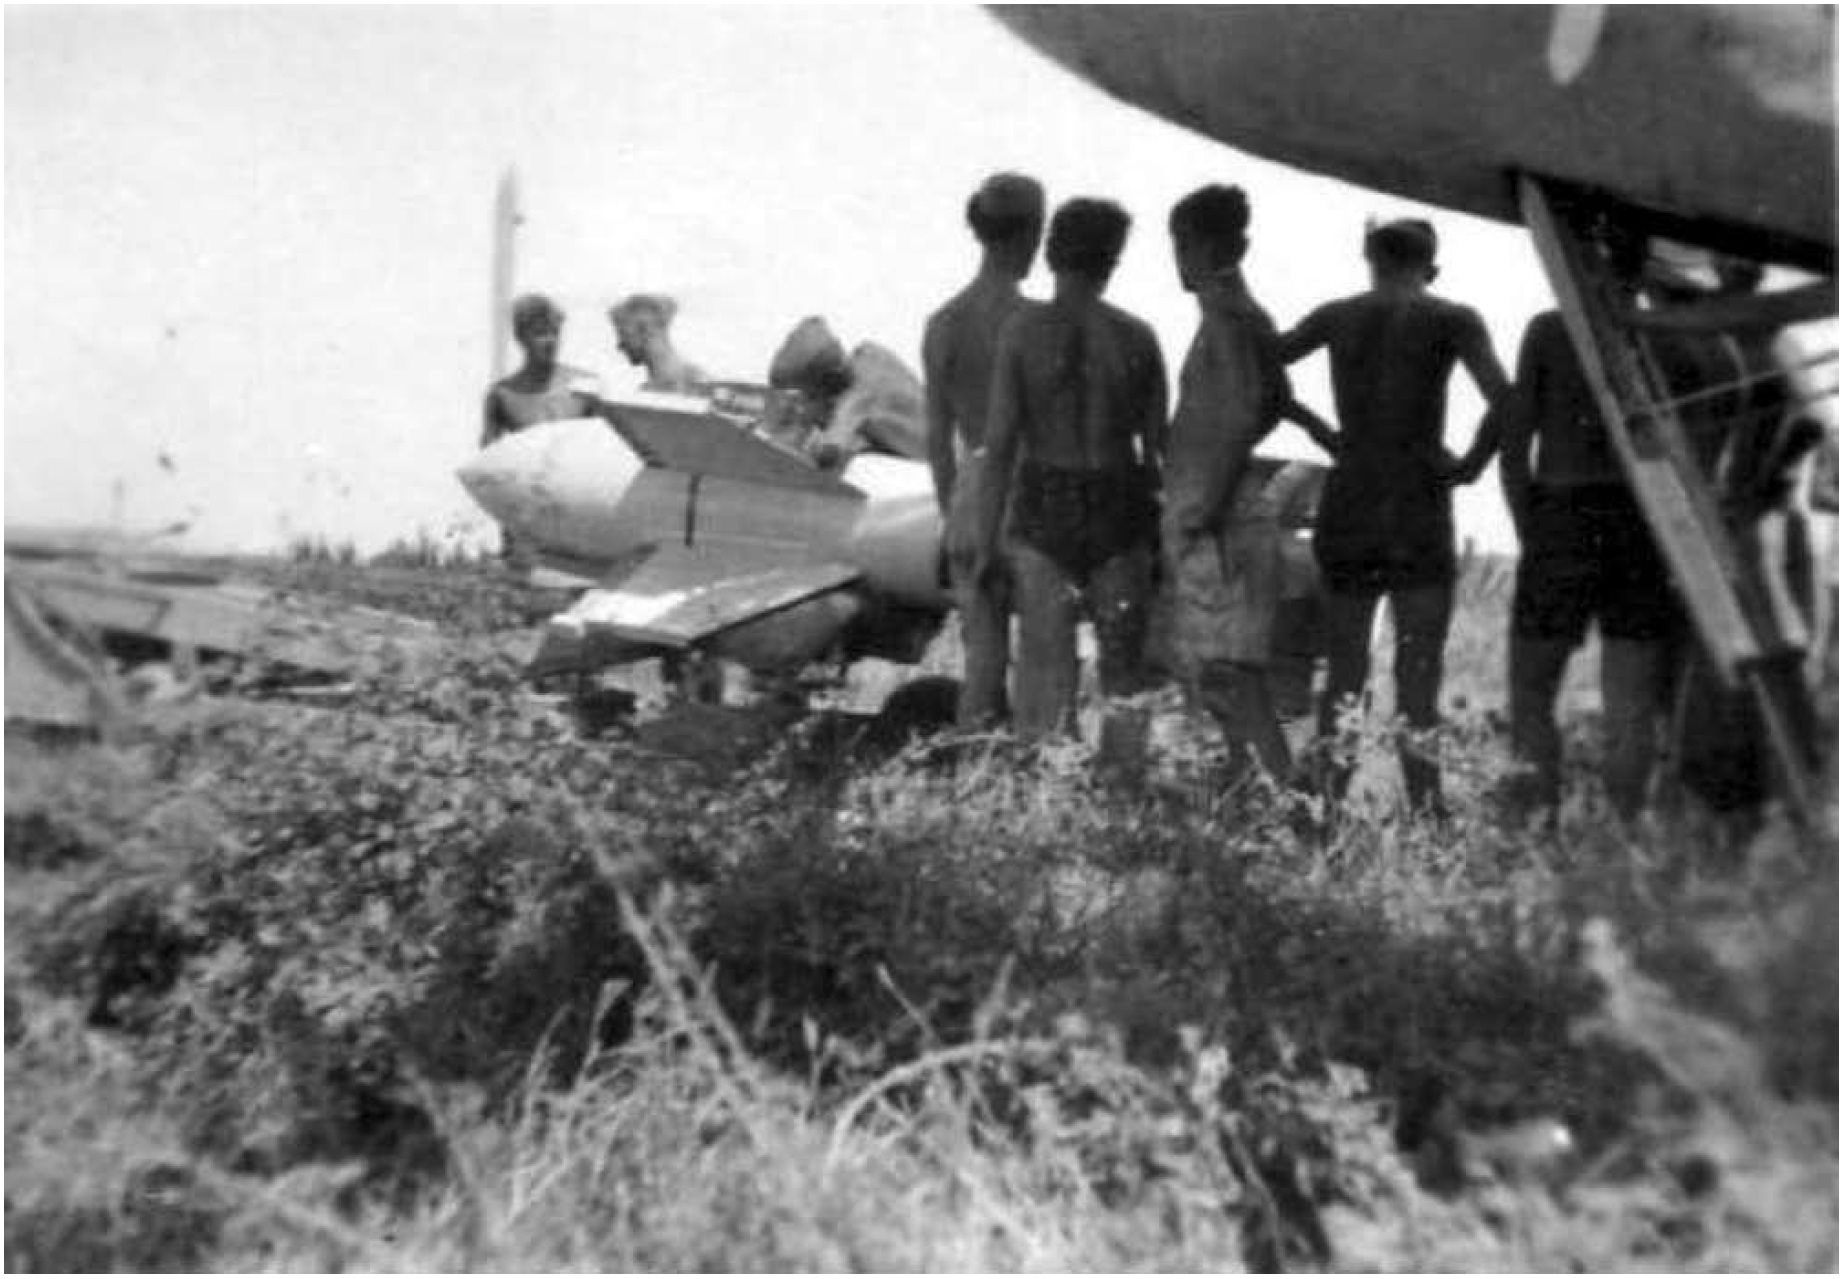 Le bombe segrete che i tedeschi sperimentarono a Foggia (di Tommaso Palermo)